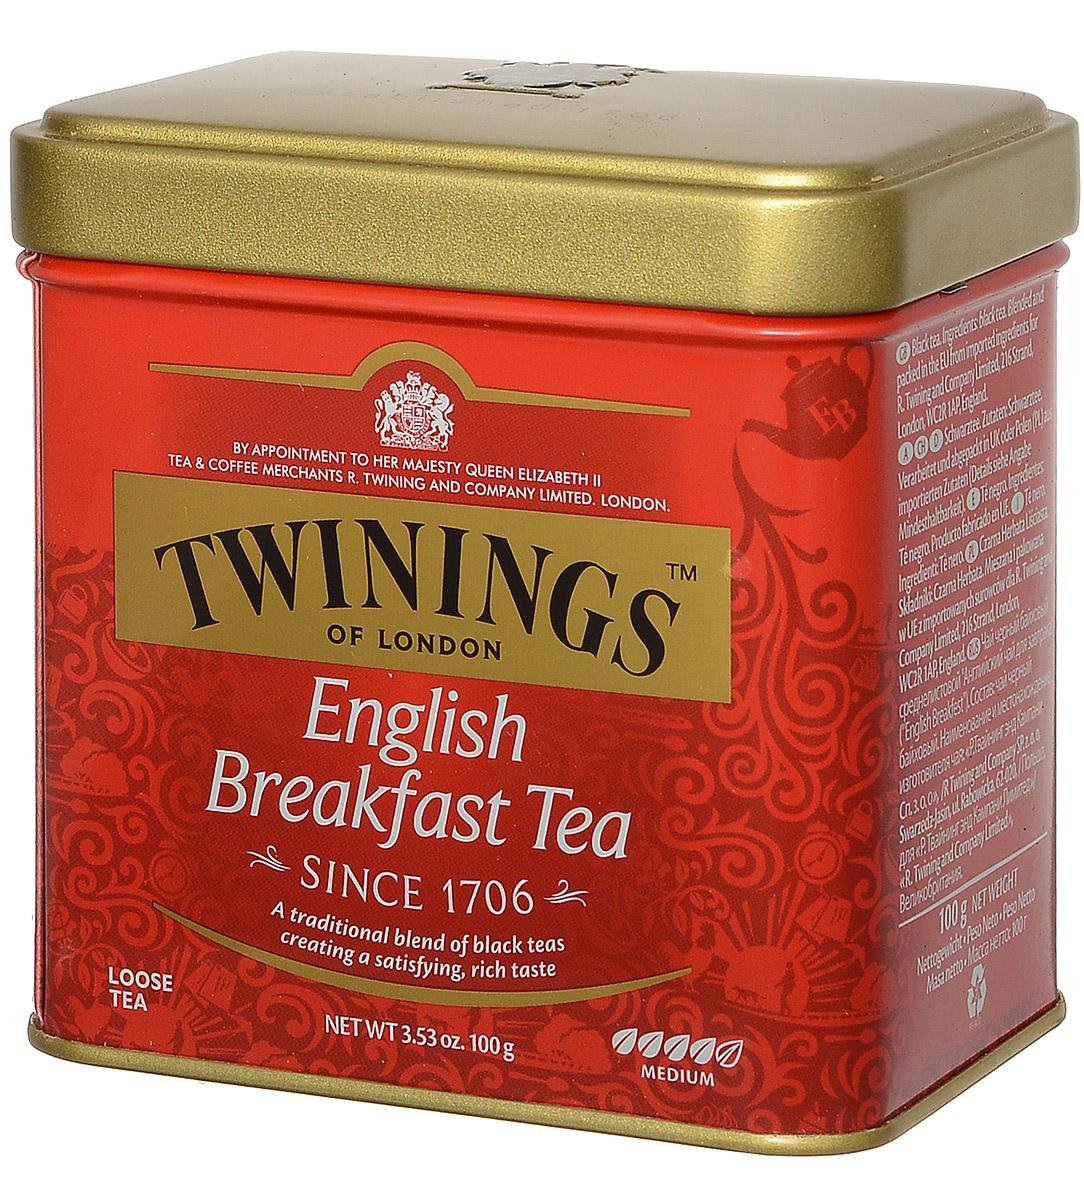 Twinings English Breakfast Tea черный листовой чай, 100 г (ж/б)101246Twinings English Breakfast Tea - крепкий освежающий черный чай высшего сорта. Смесь цейлонского и индийского черных чаев, передает ему типичный вкус английского чая. Twinings English Breakfast Tea - бодрящий напиток с насыщенным вкусом и цветом. Идеально подходит для тех, кому трудно просыпаться по утрам. Он хорошо сочетается с молоком или лимоном.